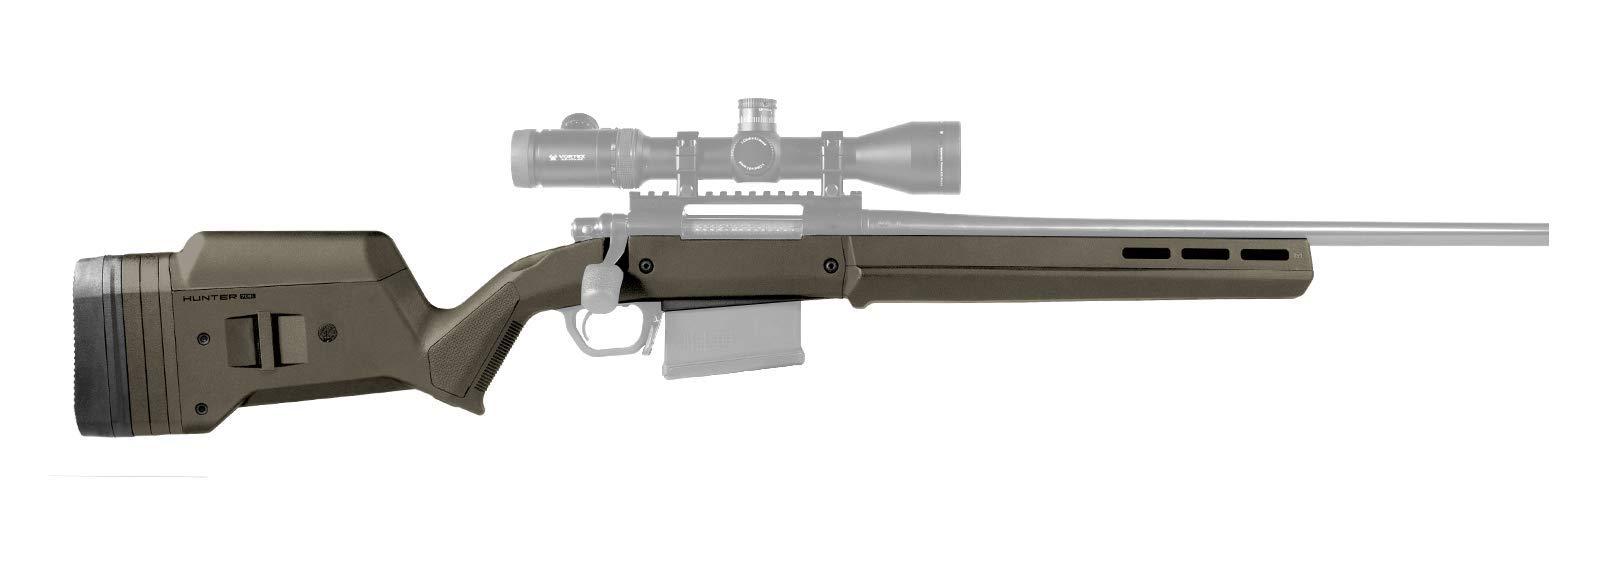 Magpul Hunter 700L Remington 700 Long Action Fixed Stock, Olive Drab Green